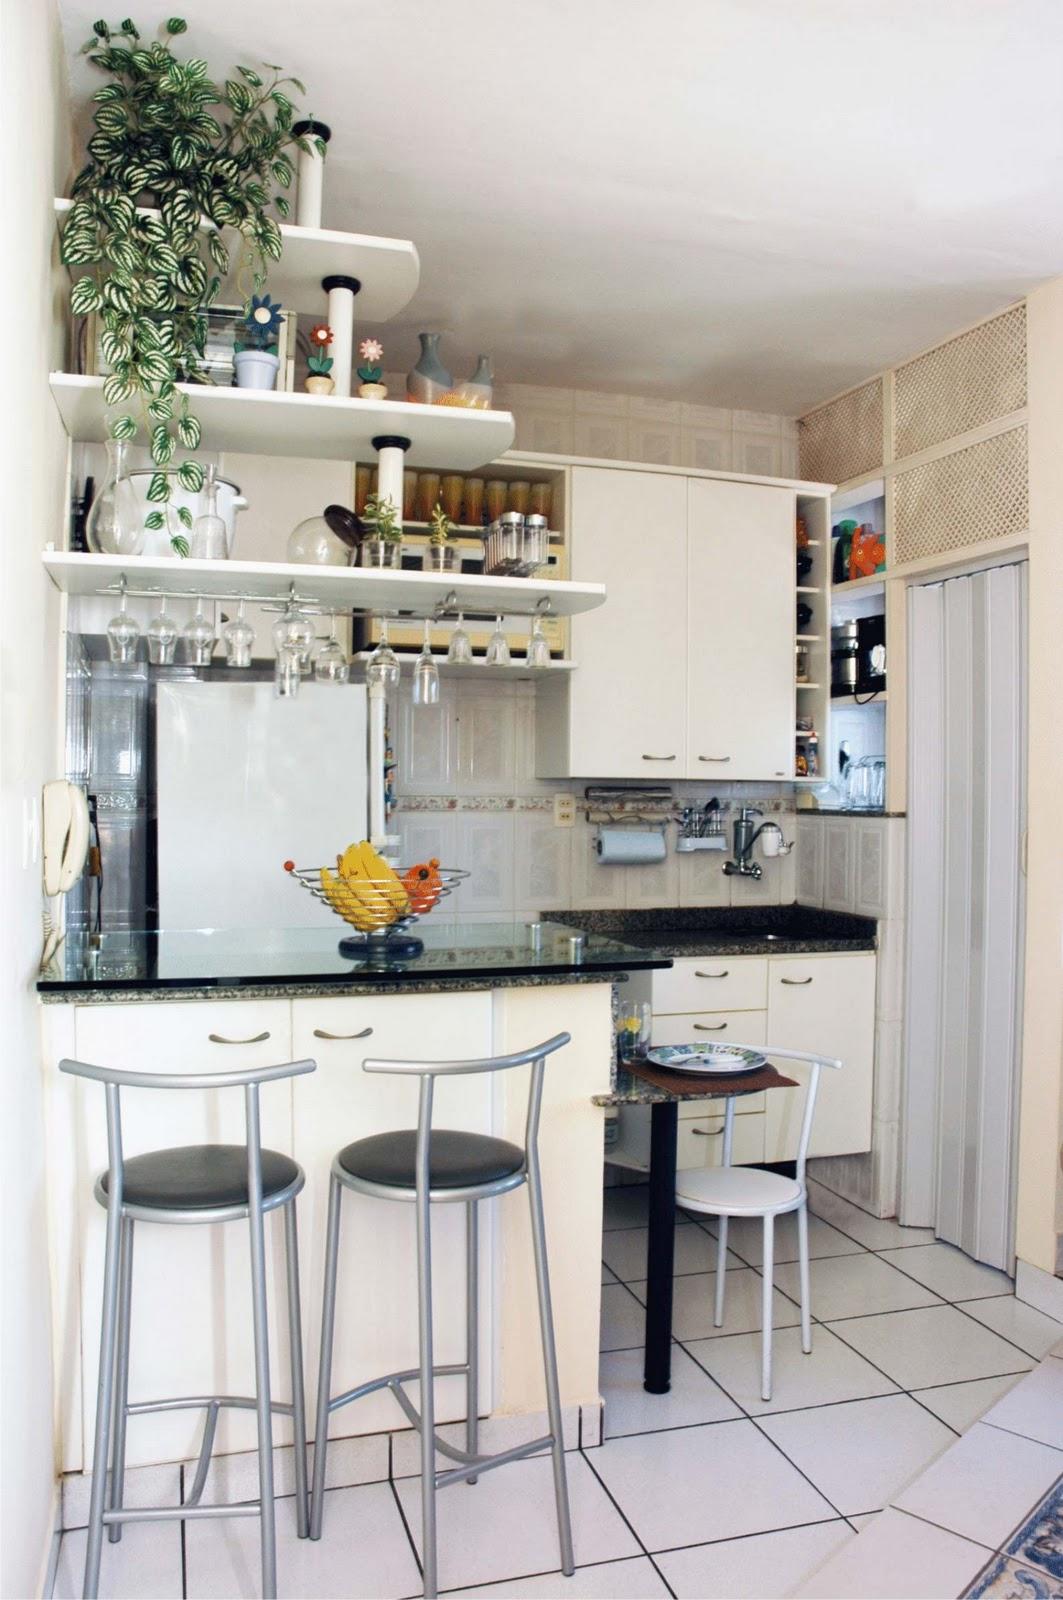 #644733 Dicas de decorações » Blog Archive » Banquetas para 1063x1600 px Banquetas Para Cozinha Americanas #1585 imagens